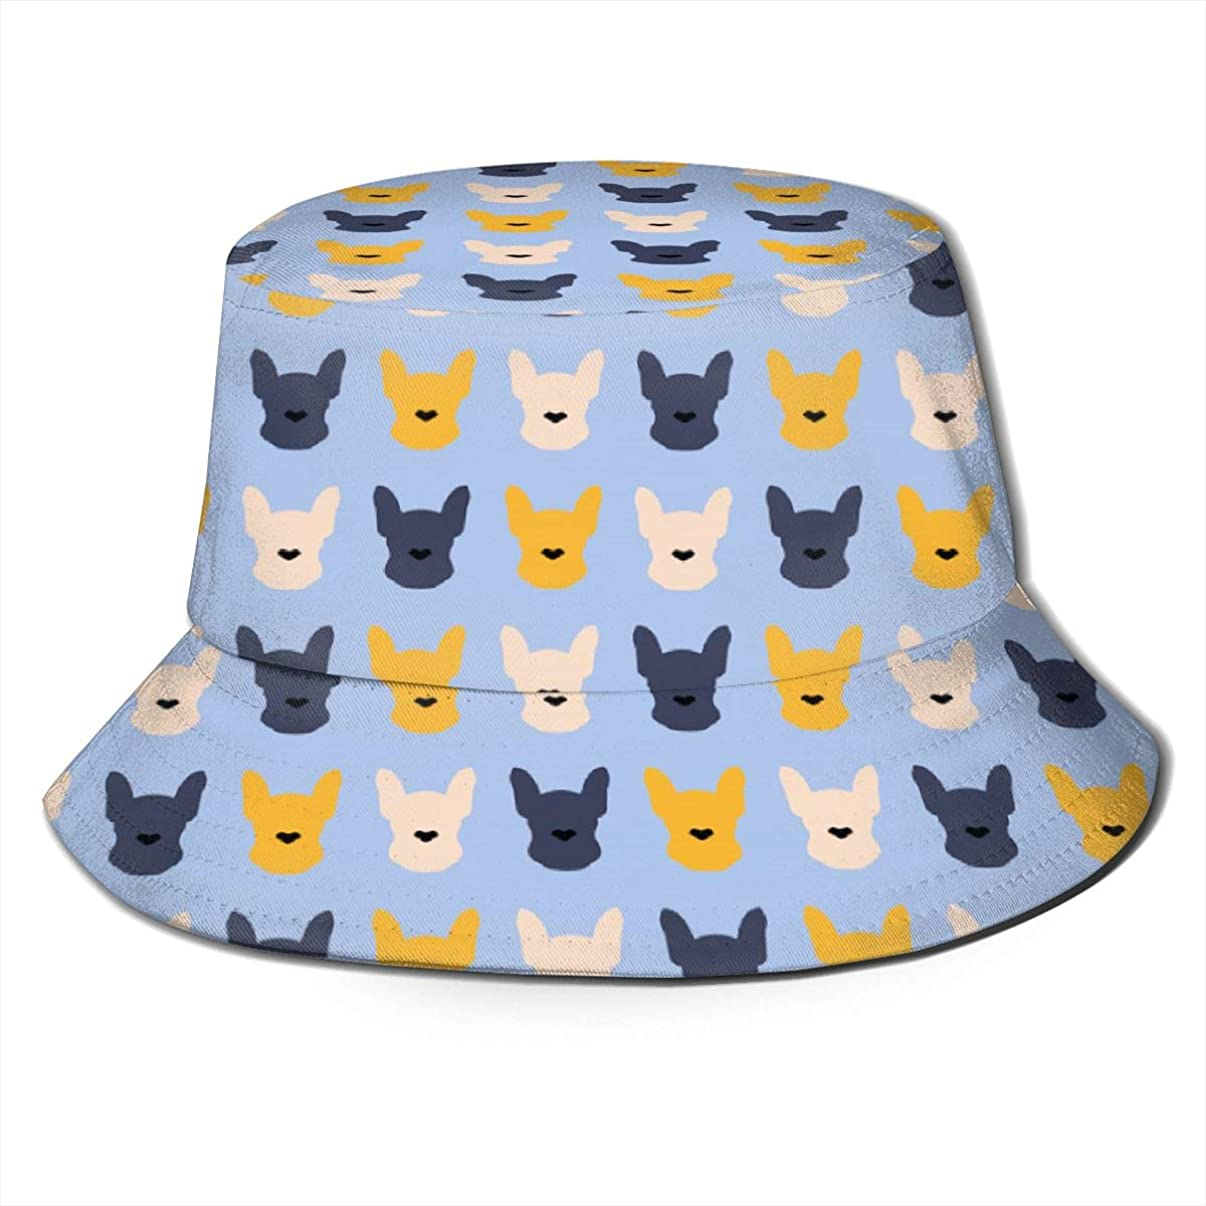 文明化警察署否認するAiwnin フレンチ 漁師の帽子 サンハット 日よけ帽 紫外線保護 釣り 登山 農作業 通気性がいい